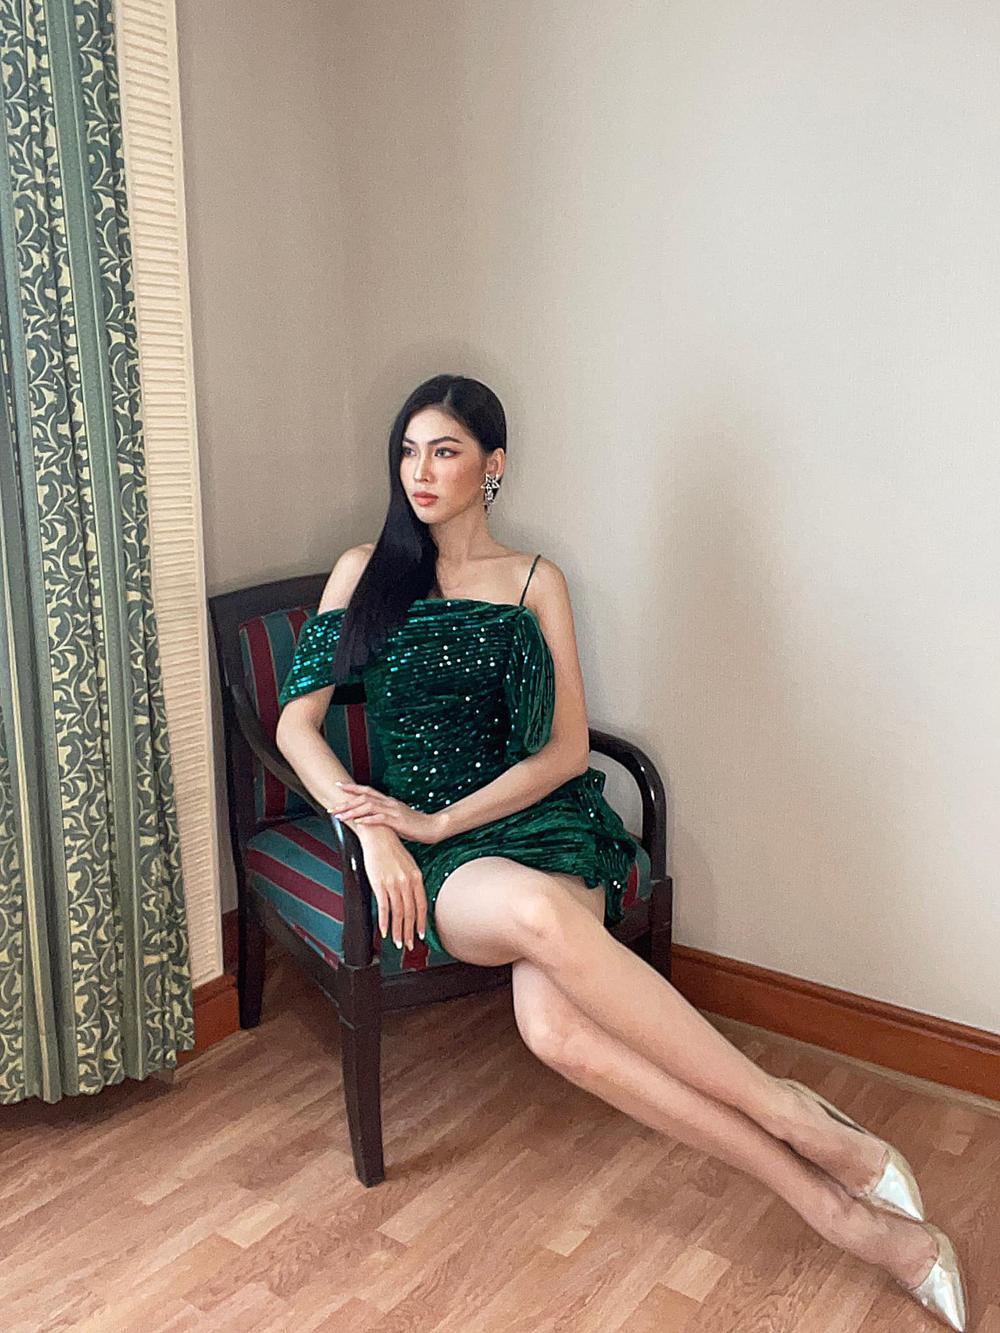 Hành trình lọt Top 20 của Ngọc Thảo: Nàng hậu 21 tuổi bản lĩnh chinh phục Miss Grand giữa mùa dịch! Ảnh 9